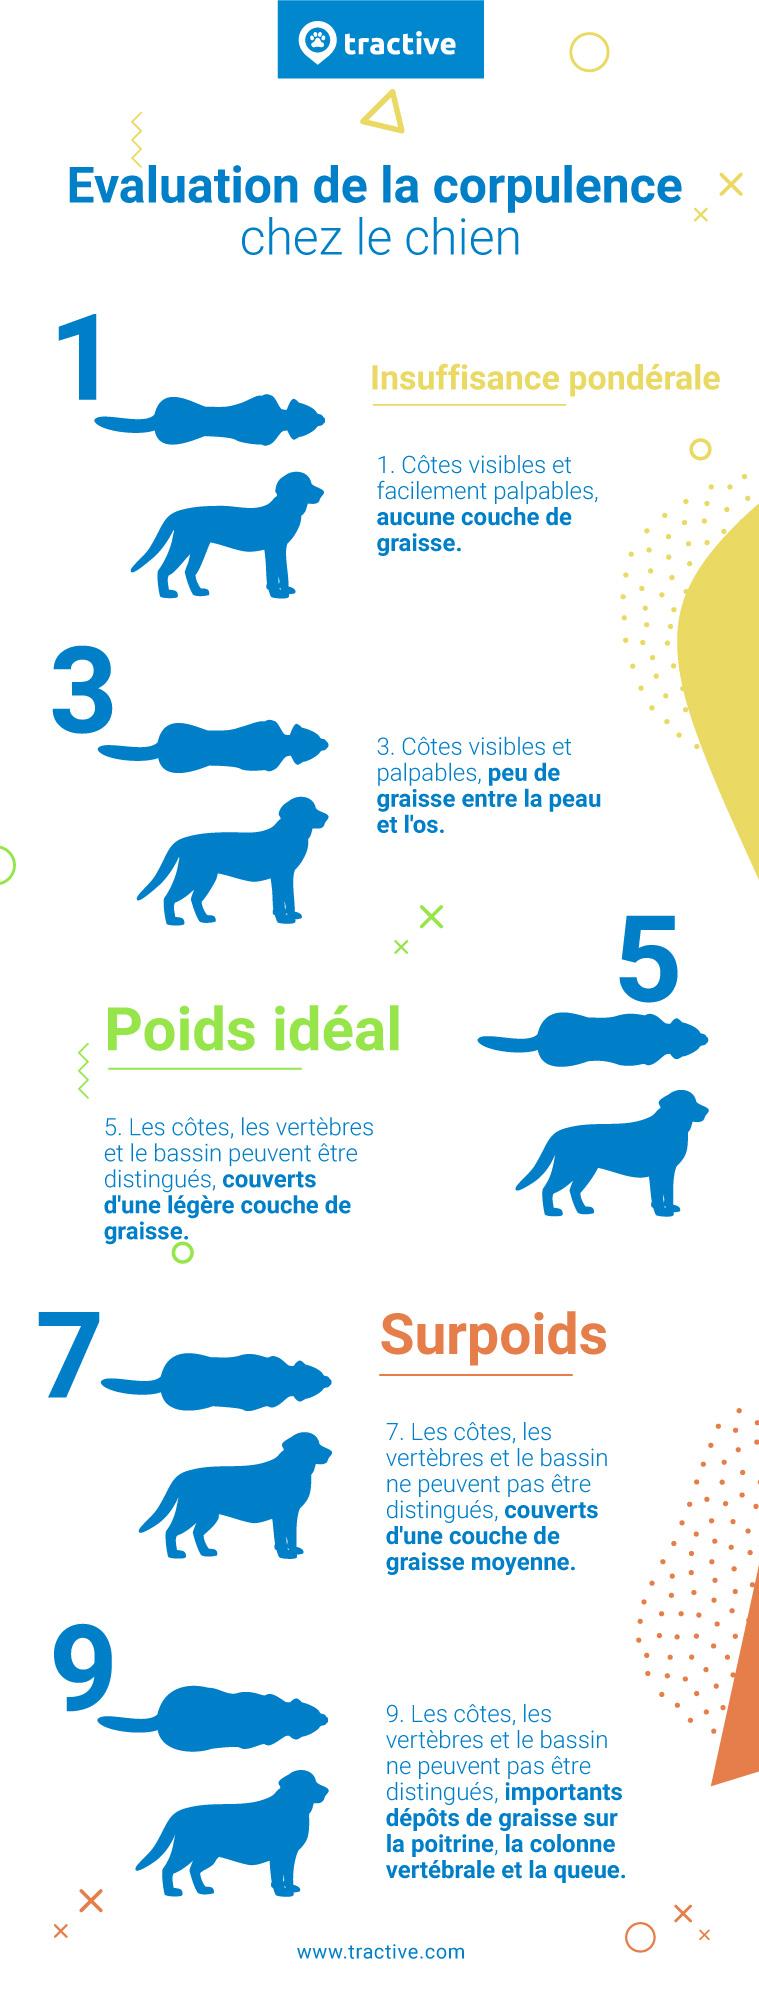 Infographie sur l'évaluation de la corpulence chez le chien